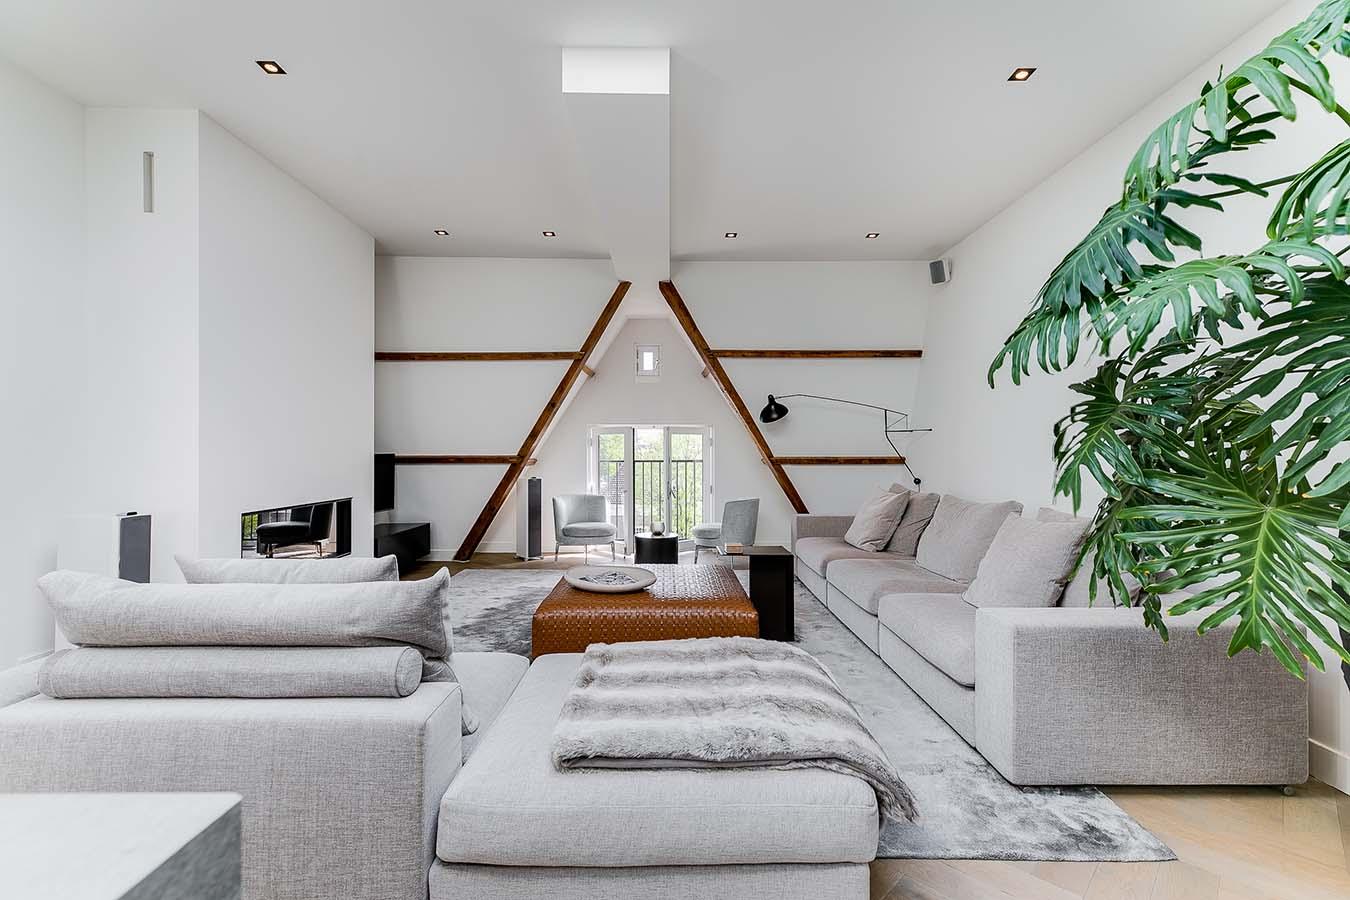 woonkamer met een driehoekig raam